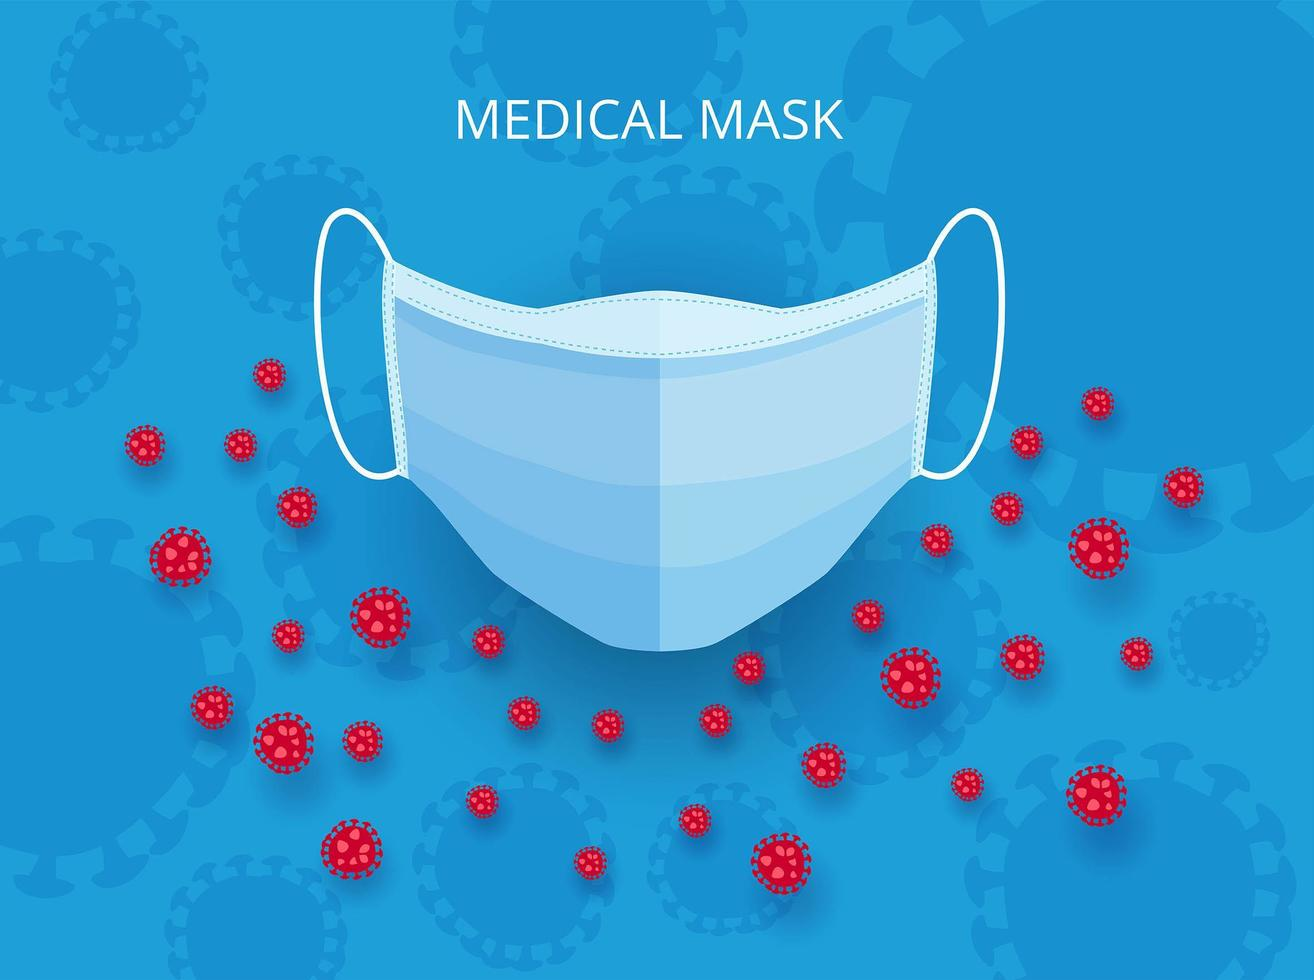 maschera medica stile cartone animato vettore